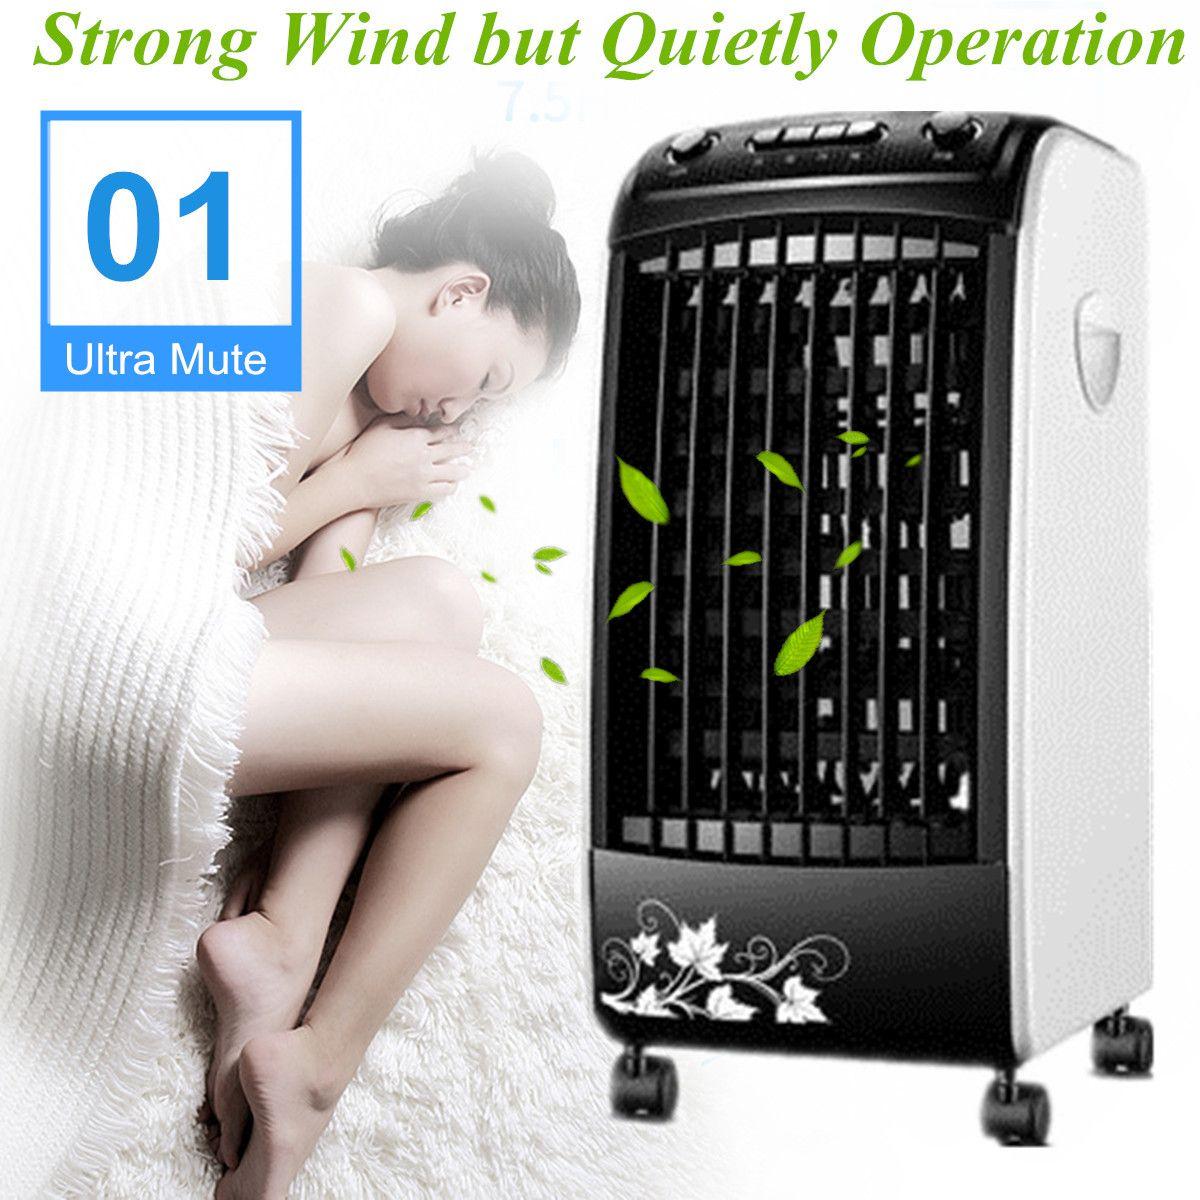 Leistungsstarke Wind Klimaanlage Klimaanlage Fan 220 v 65 watt 5L 50 hz Hum Hohe-dichte Umweltschutz Timing tragbare